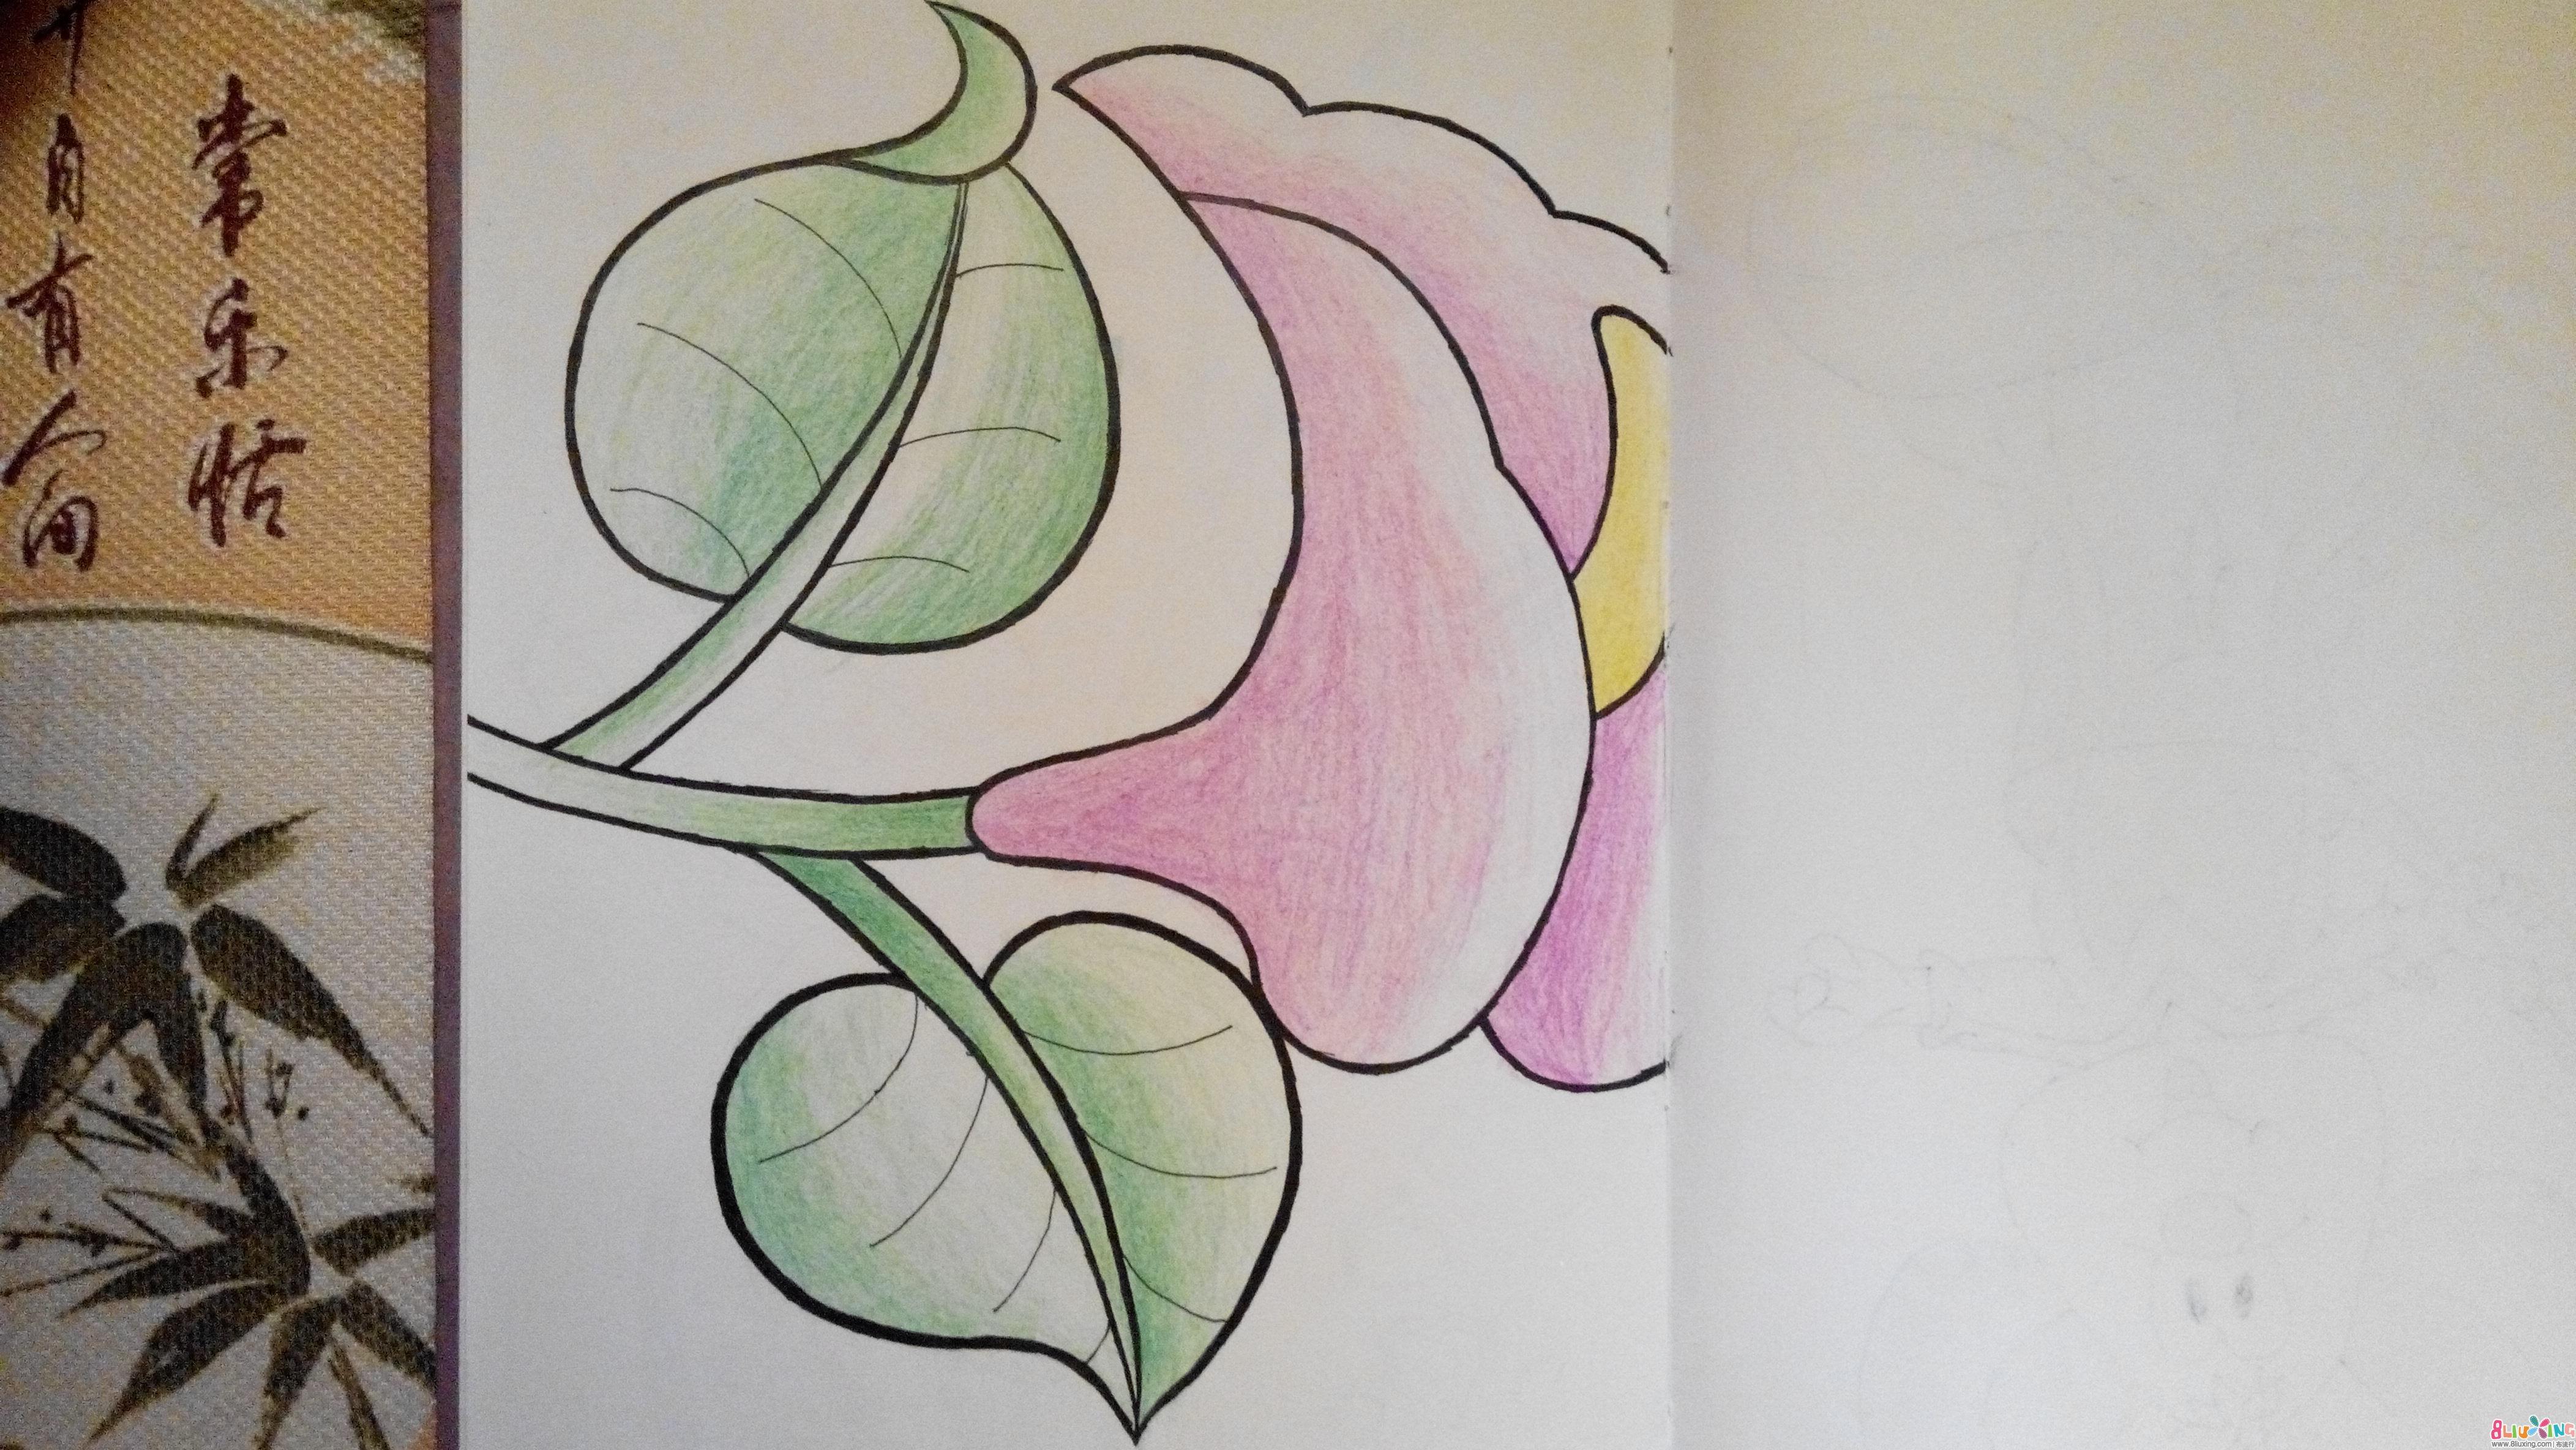 彩铅花卉素描图解图片大全_彩铅花卉素描图解图片 ...